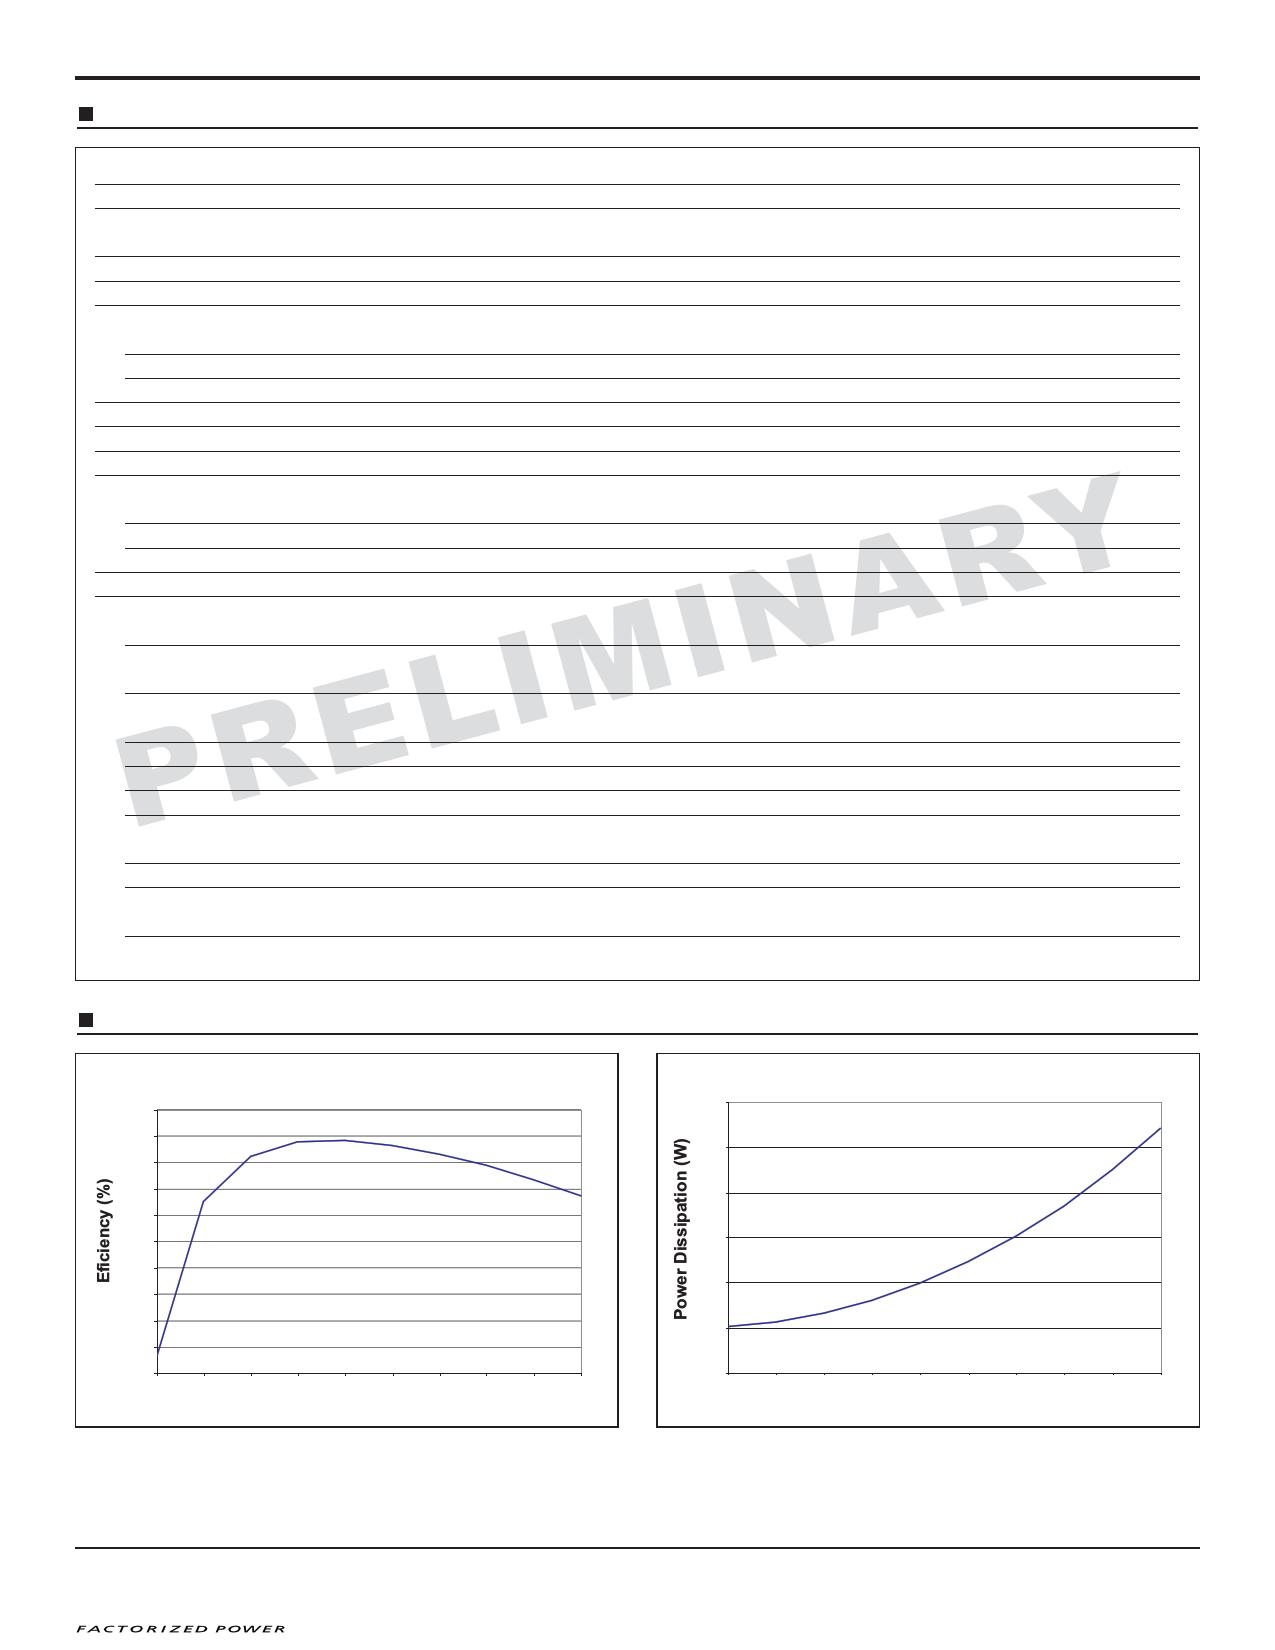 V048L015T80 pdf, ピン配列